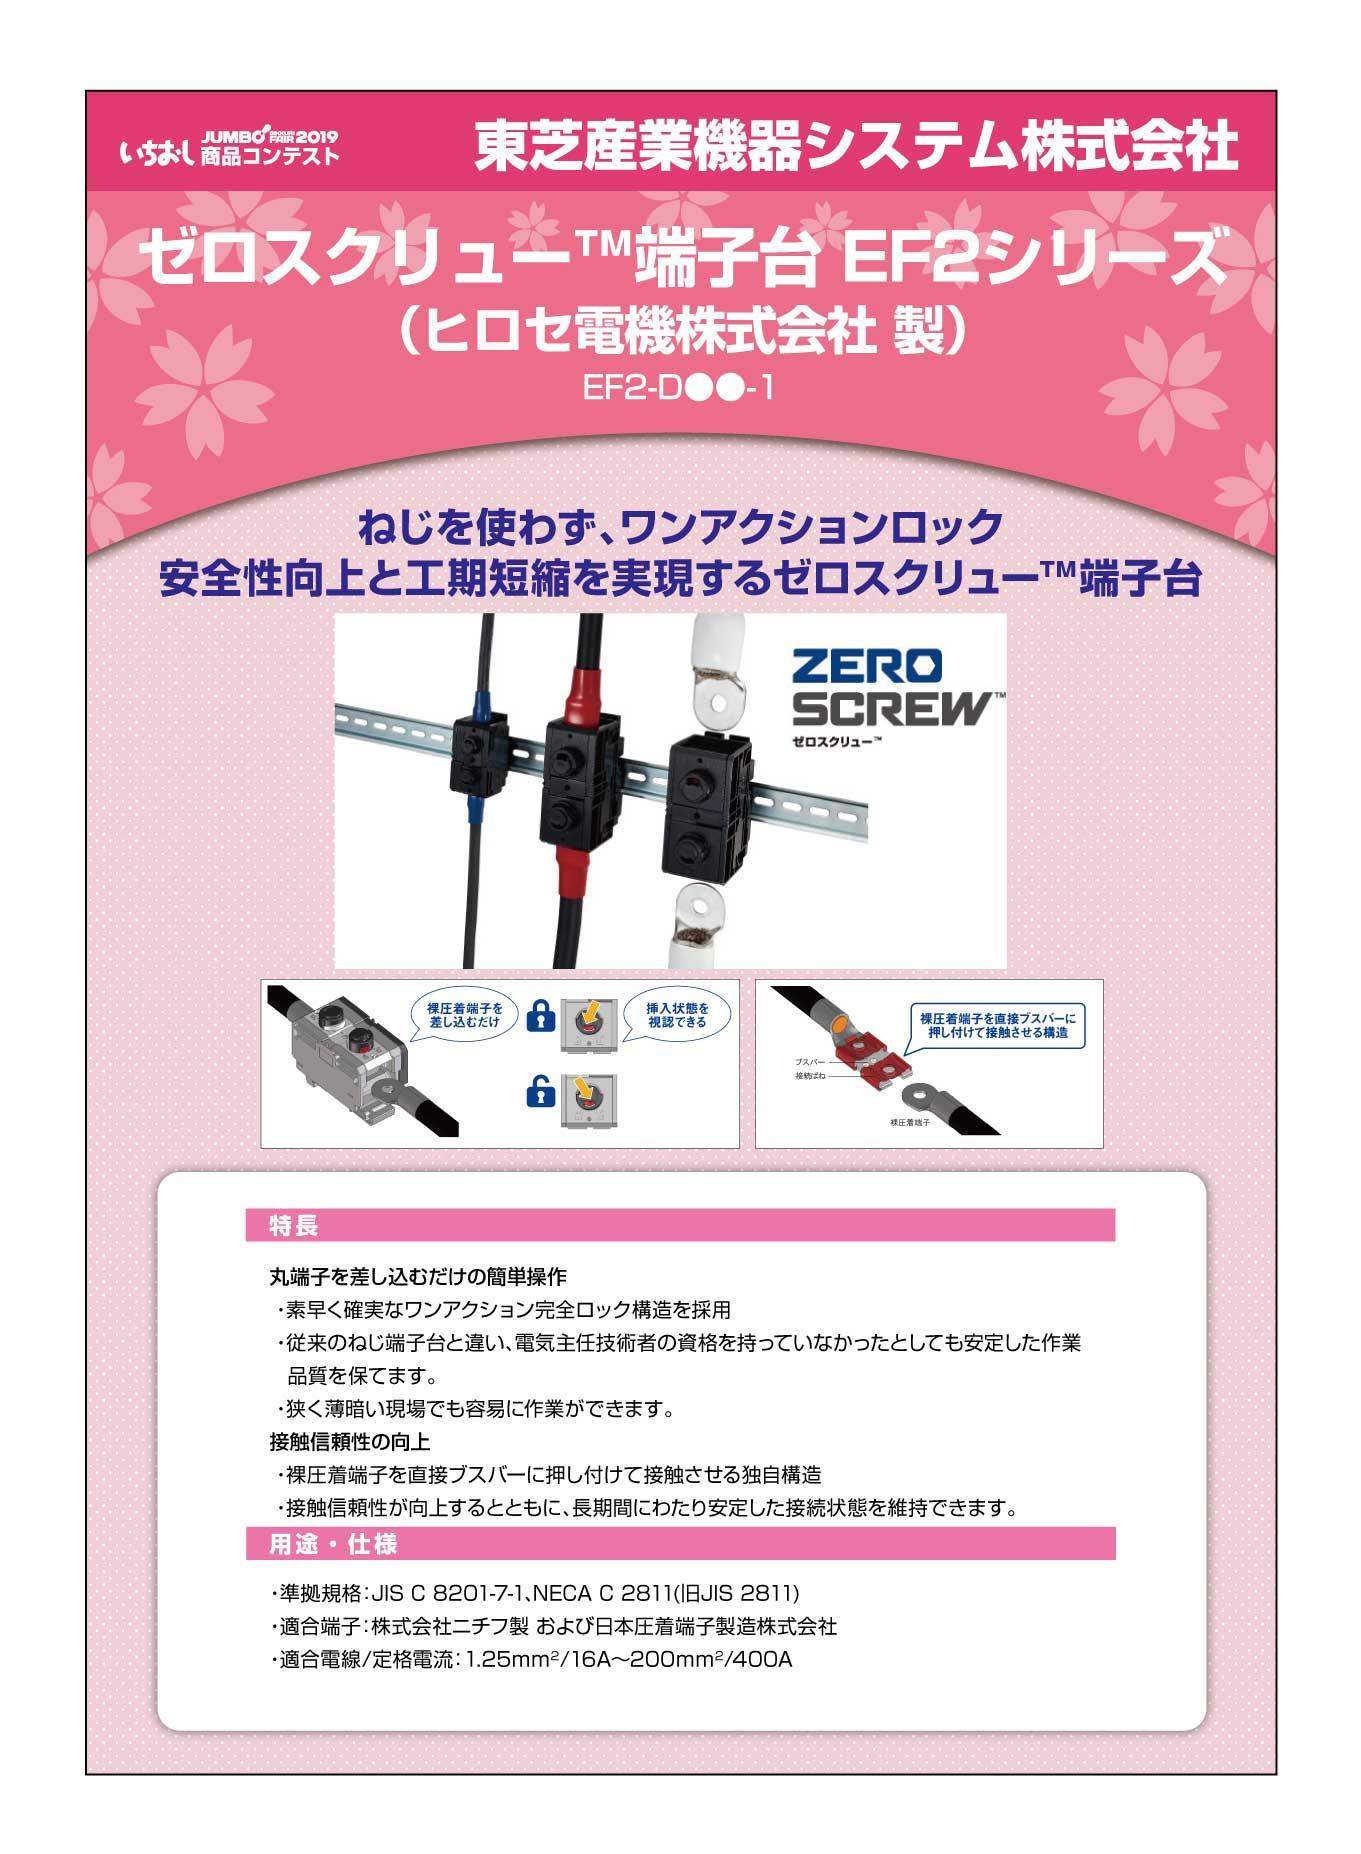 「ゼロスクリュー™端子台 EF2シリーズ」東芝産業機器システム株式会社の画像